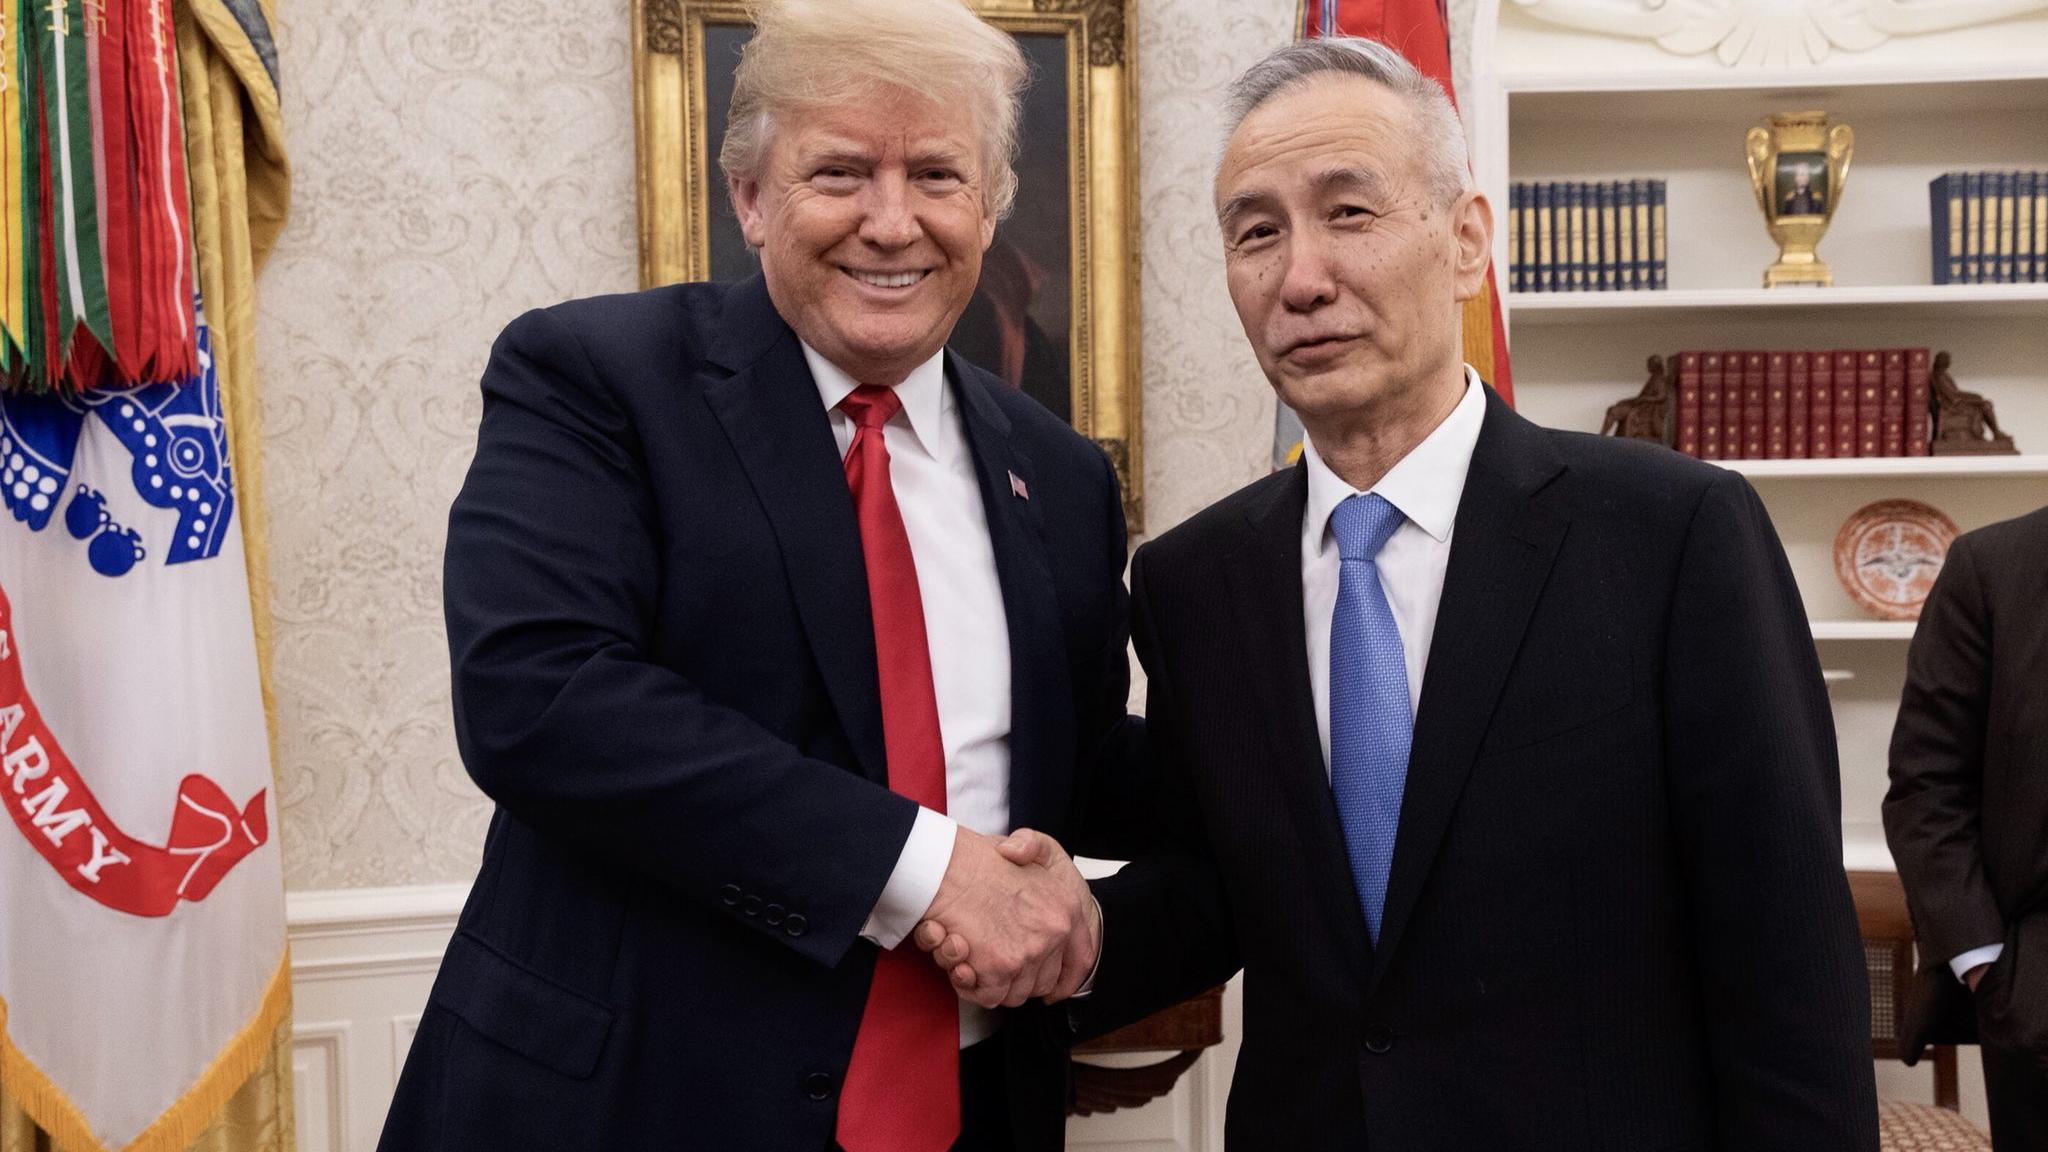 美国总统特朗普(左)会见中国副总理刘鹤。(特朗普官方推特帐号)